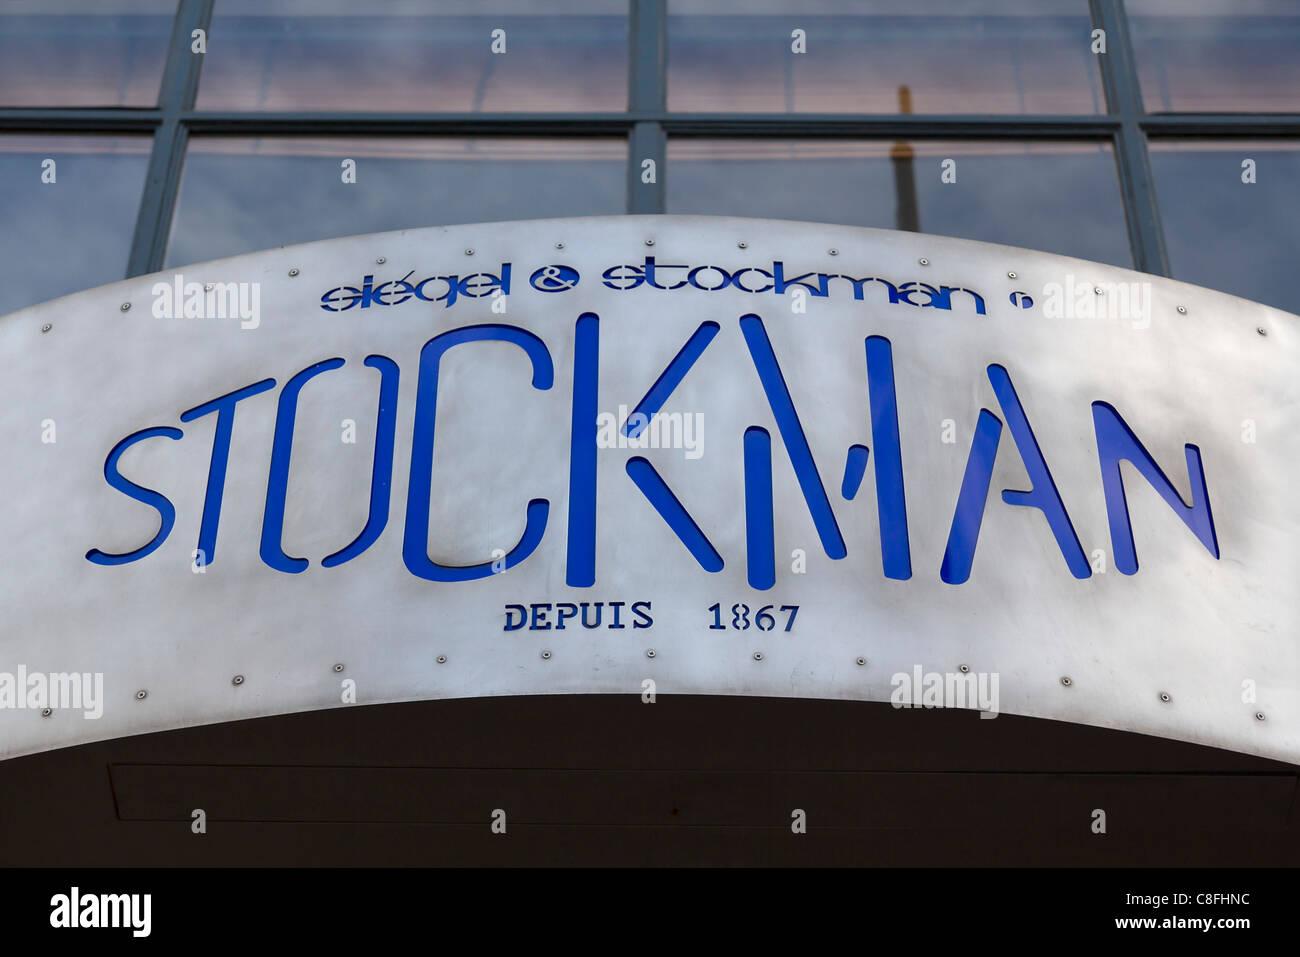 Siegel & Stockman mannequin specialist store at Rue Du Faubourg Saint Honoré, Paris, France - Stock Image